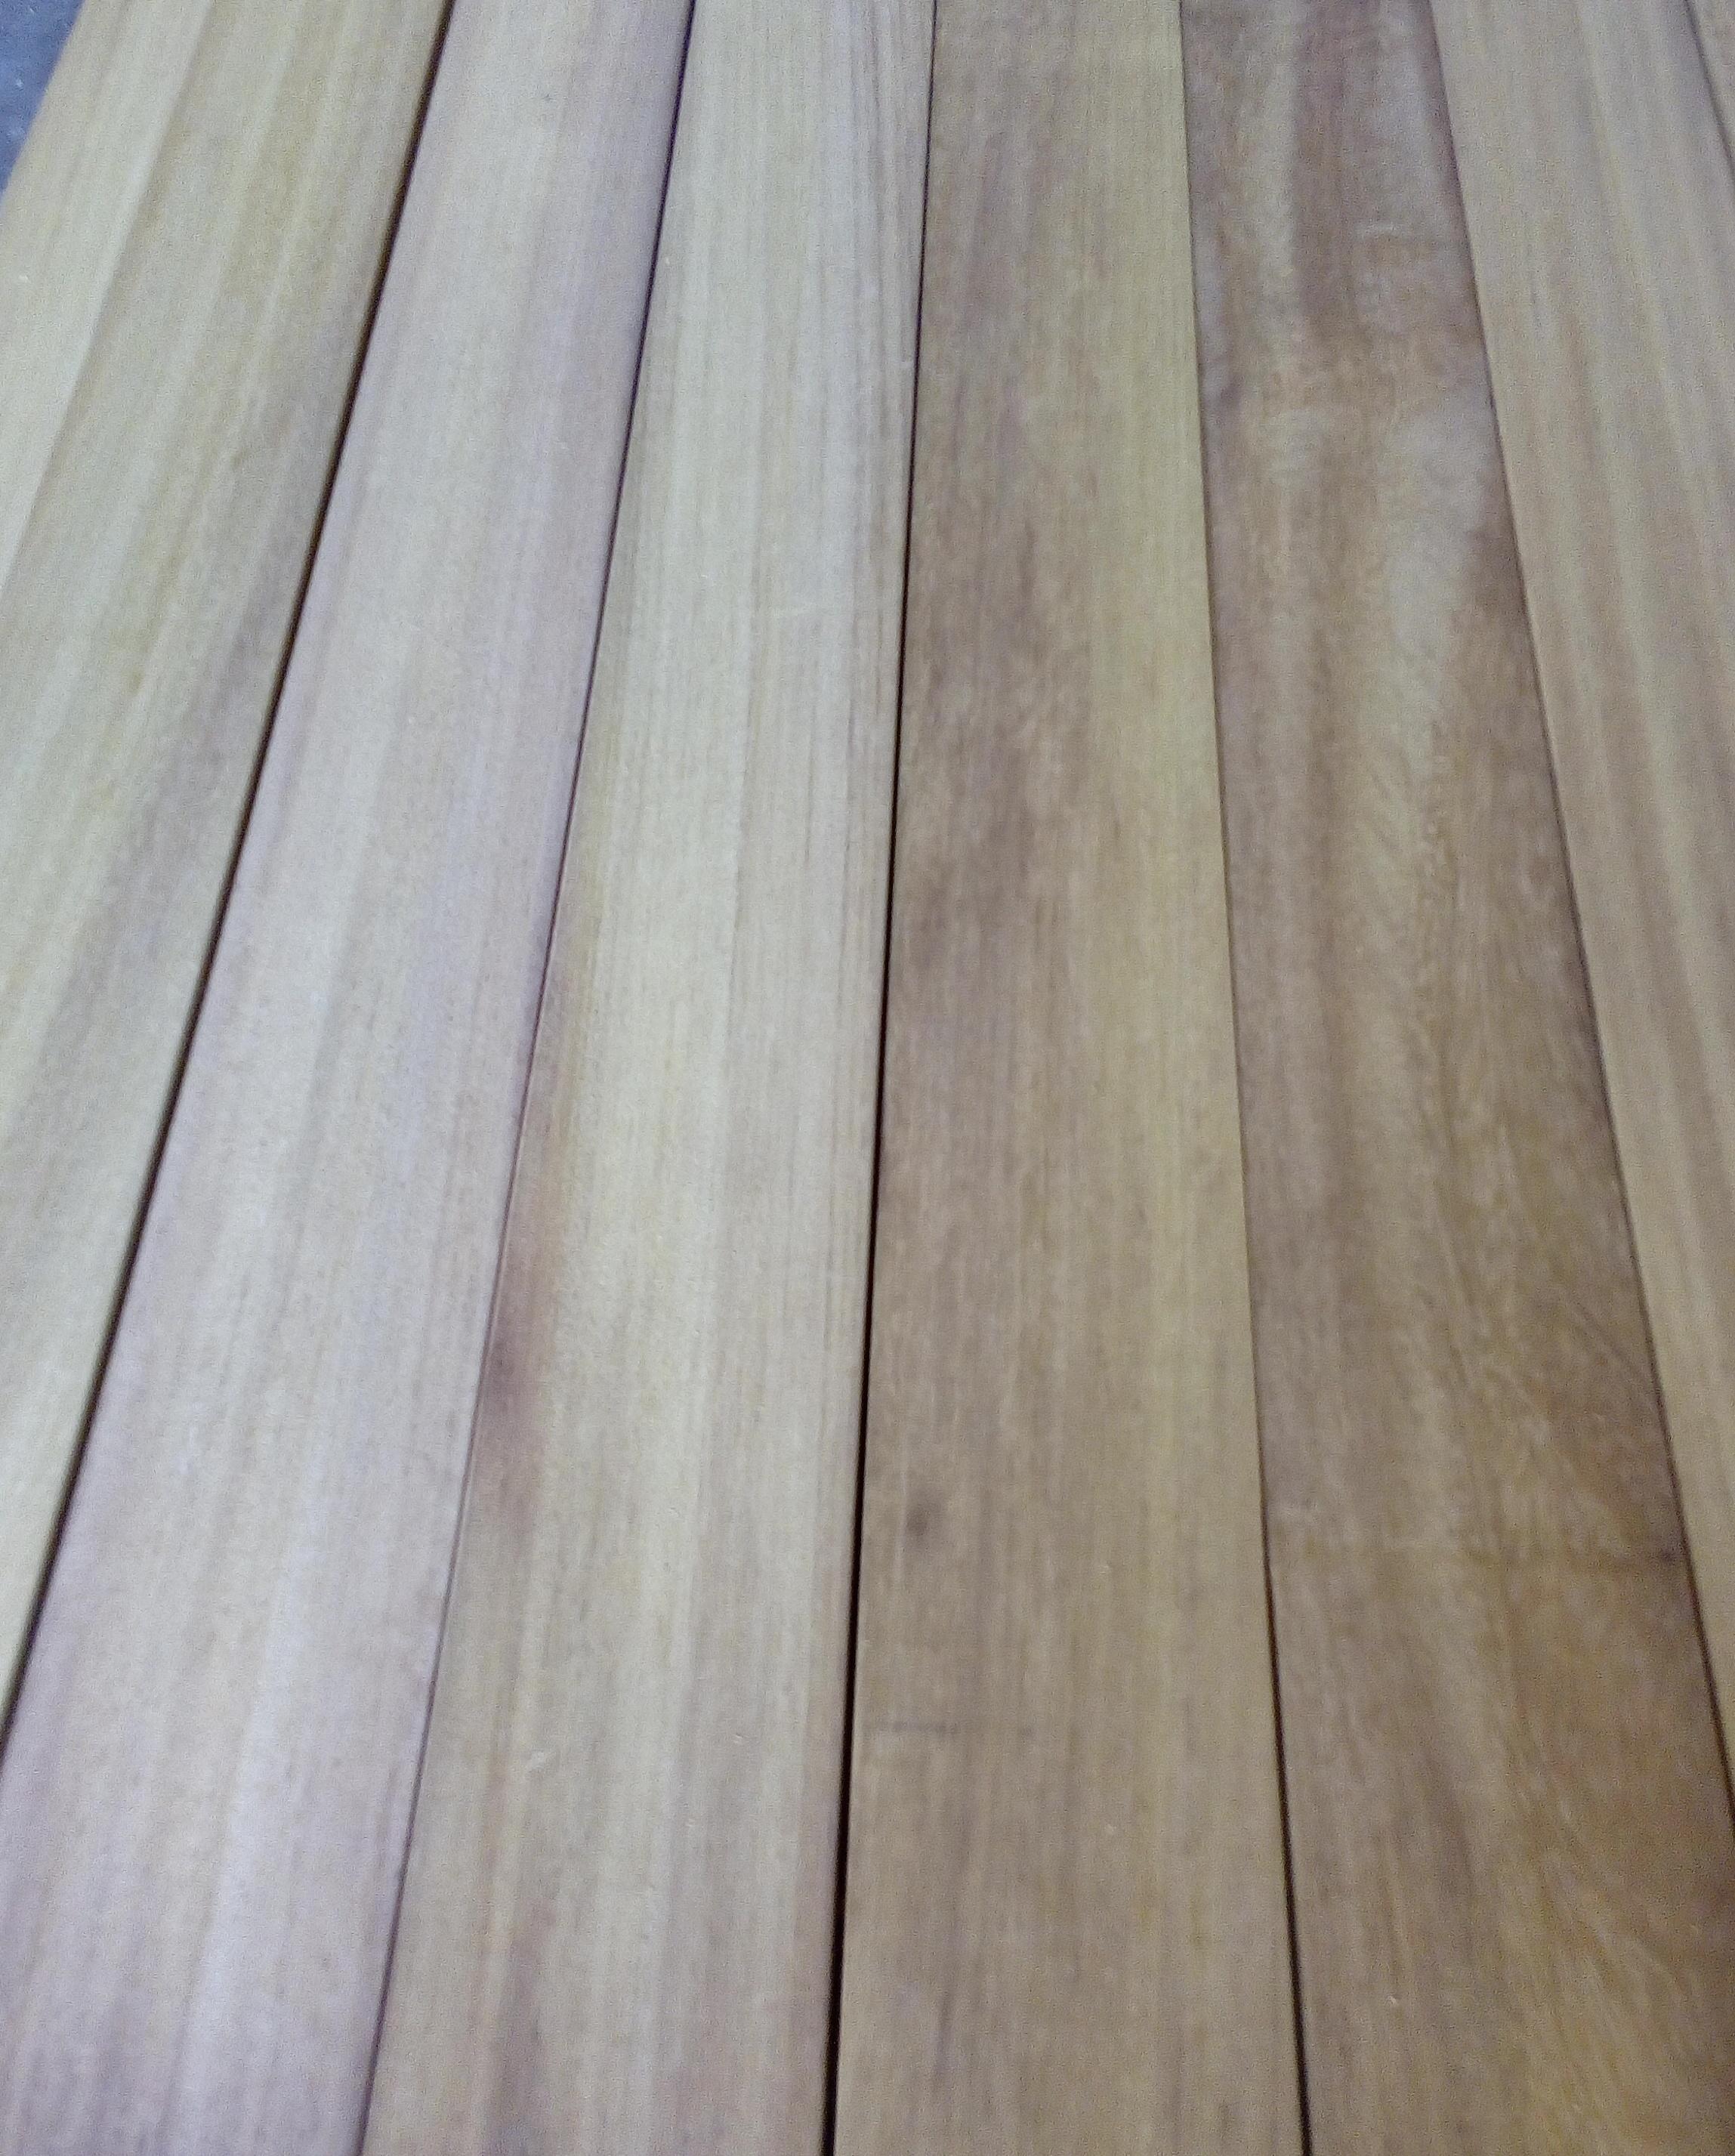 Ταβλάκι Ιρόκο για κατασκευή Deck(άβαφο)